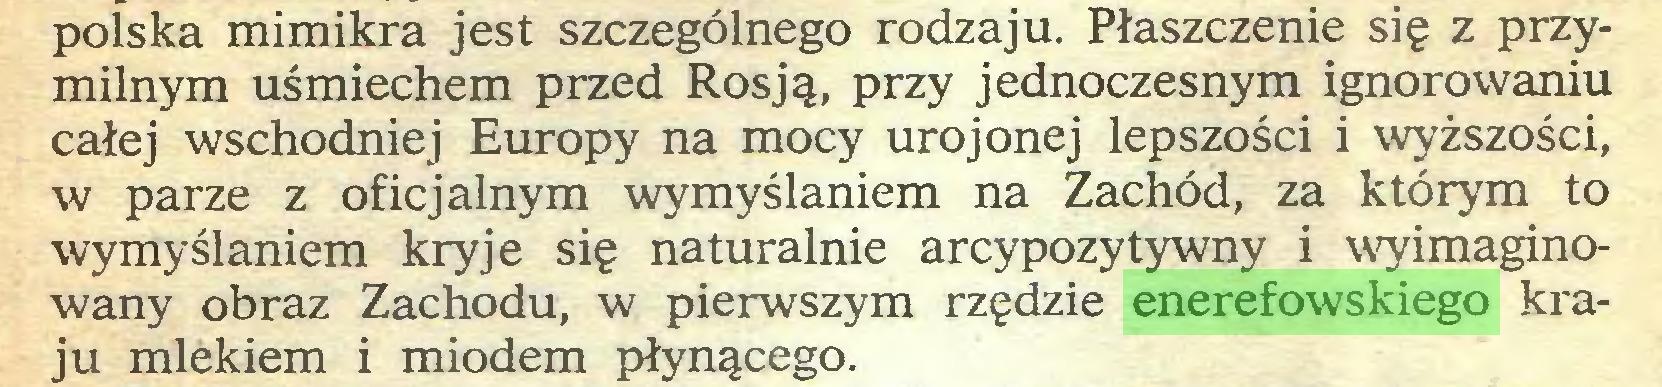 (...) polska mimikra jest szczególnego rodzaju. Płaszczenie się z przymilnym uśmiechem przed Rosją, przy jednoczesnym ignorowaniu całej wschodniej Europy na mocy urojonej lepszości i wyższości, w parze z oficjalnym wymyślaniem na Zachód, za którym to wymyślaniem kryje się naturalnie arcypozytywny i wyimaginowany obraz Zachodu, w pierwszym rzędzie enerefowskiego kraju mlekiem i miodem płynącego...